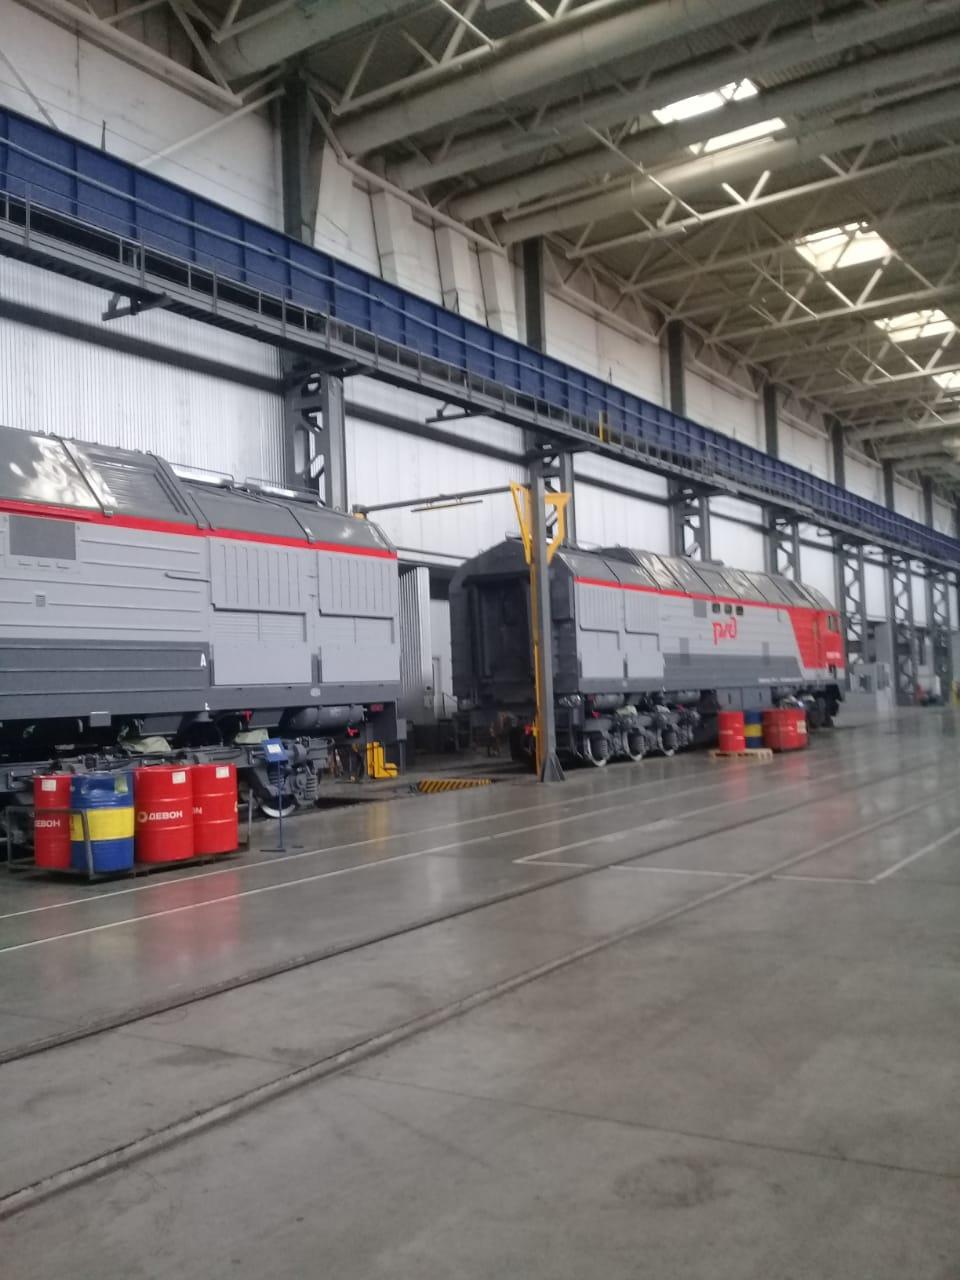 جولة لليوم السابع بمصنع جرارات السكة الحديد الروسى (2)